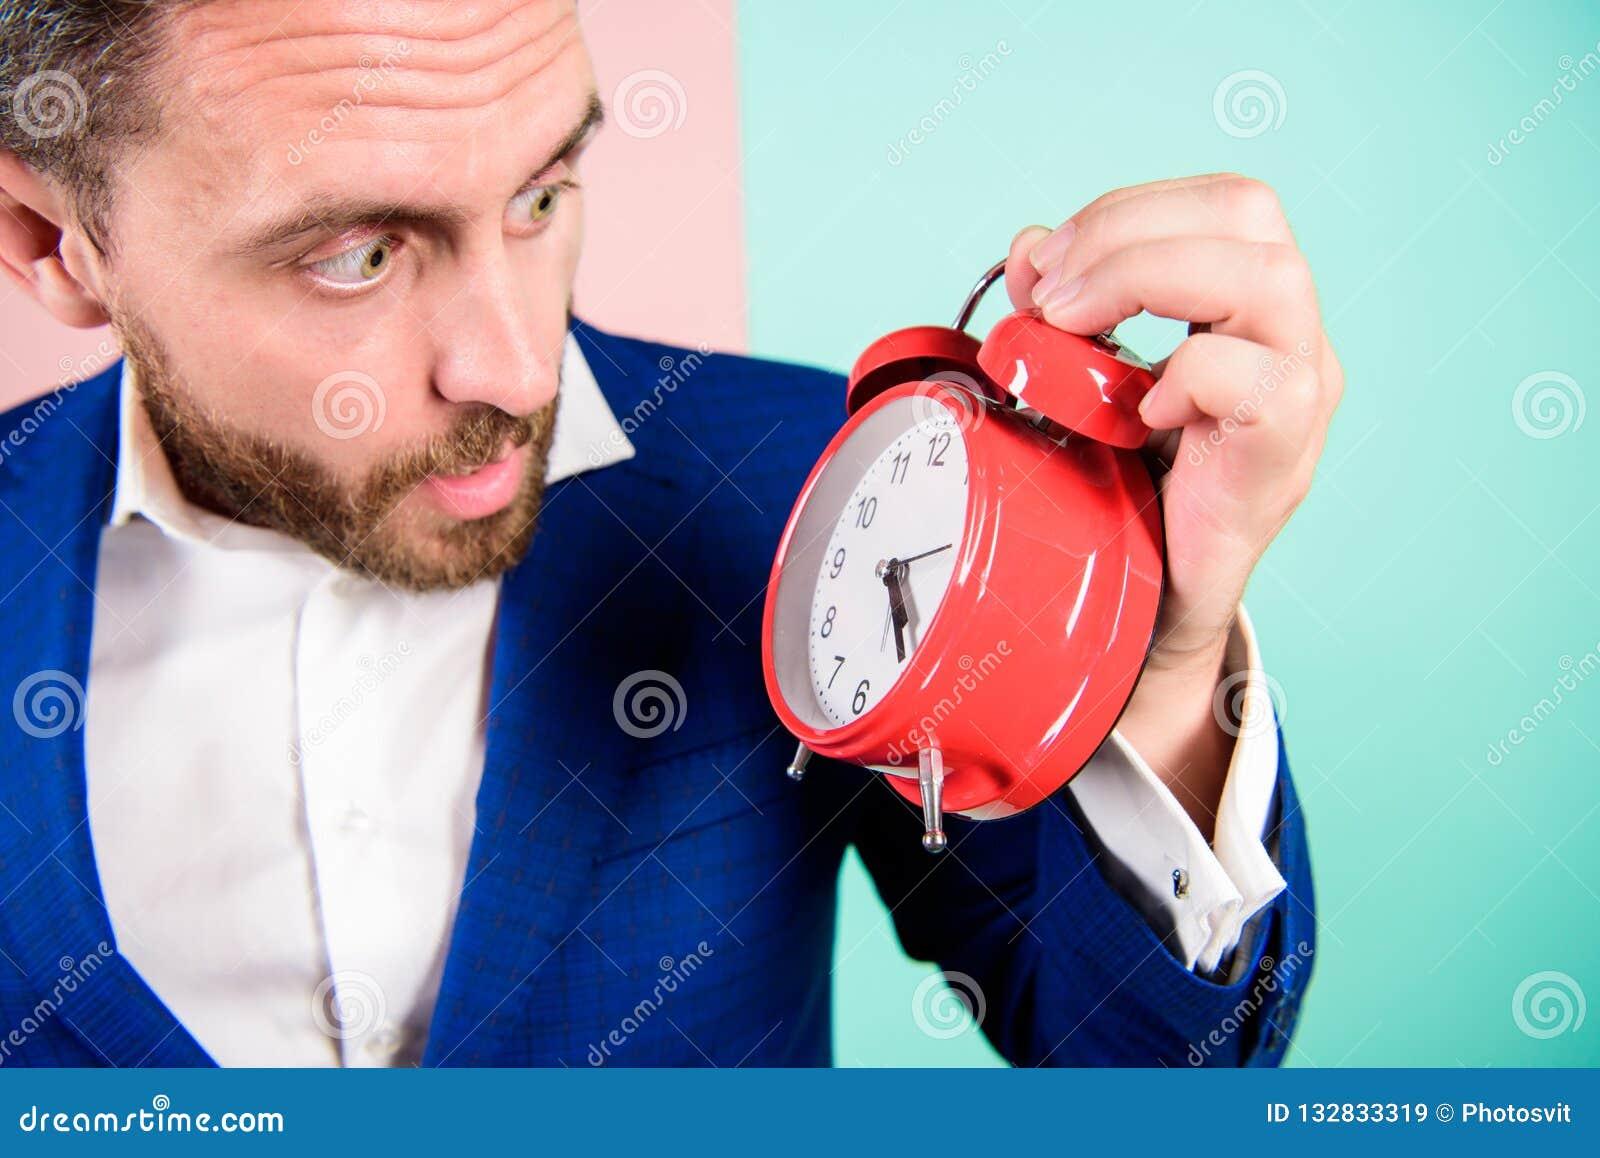 Biznesmen braka czas Czas umiejętności zarządzania Ile czasu opuszczał do ostatecznego terminu czas pracy Mężczyzna brodaty